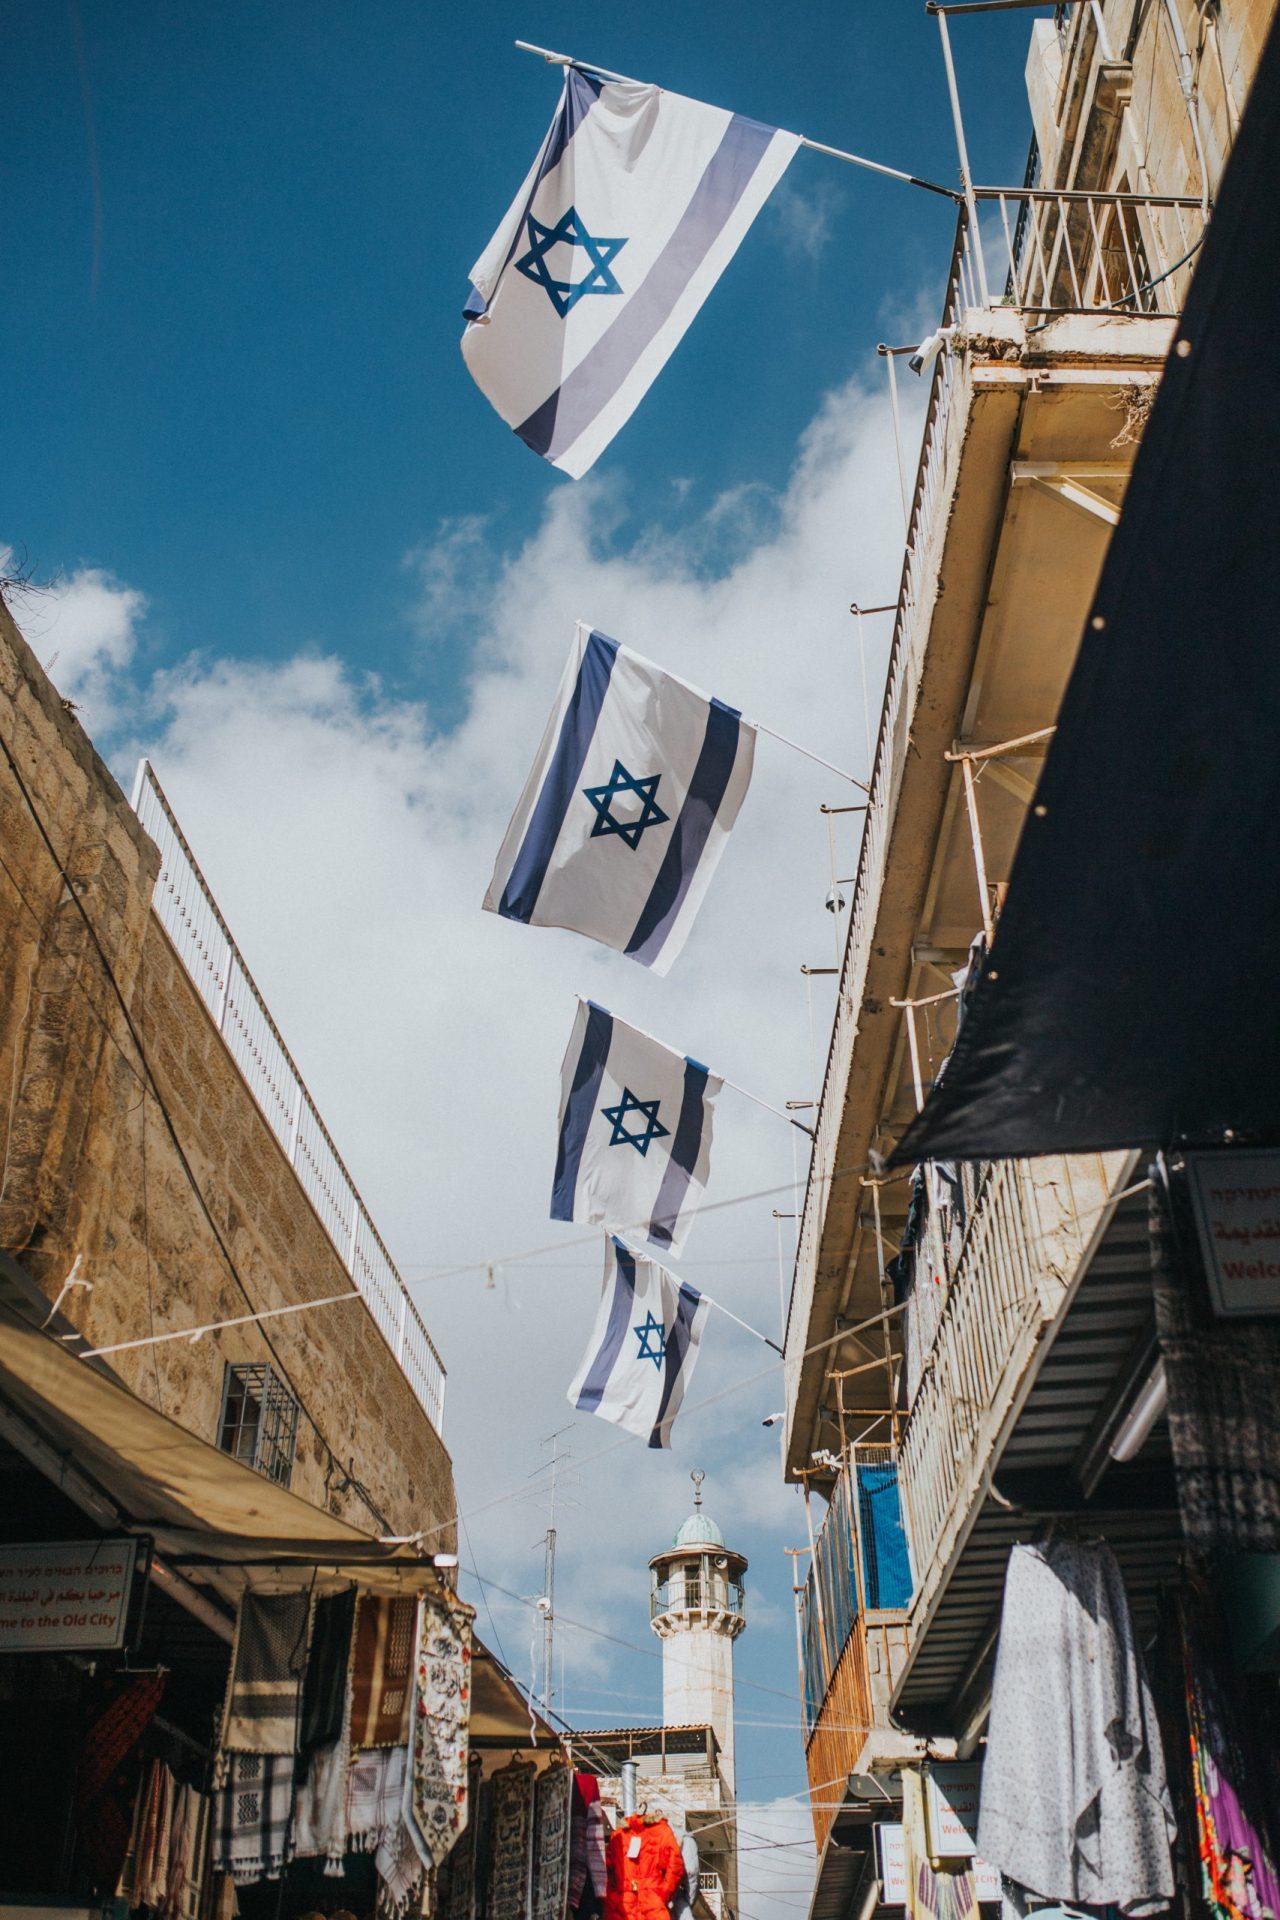 Jeruzalem oude stad